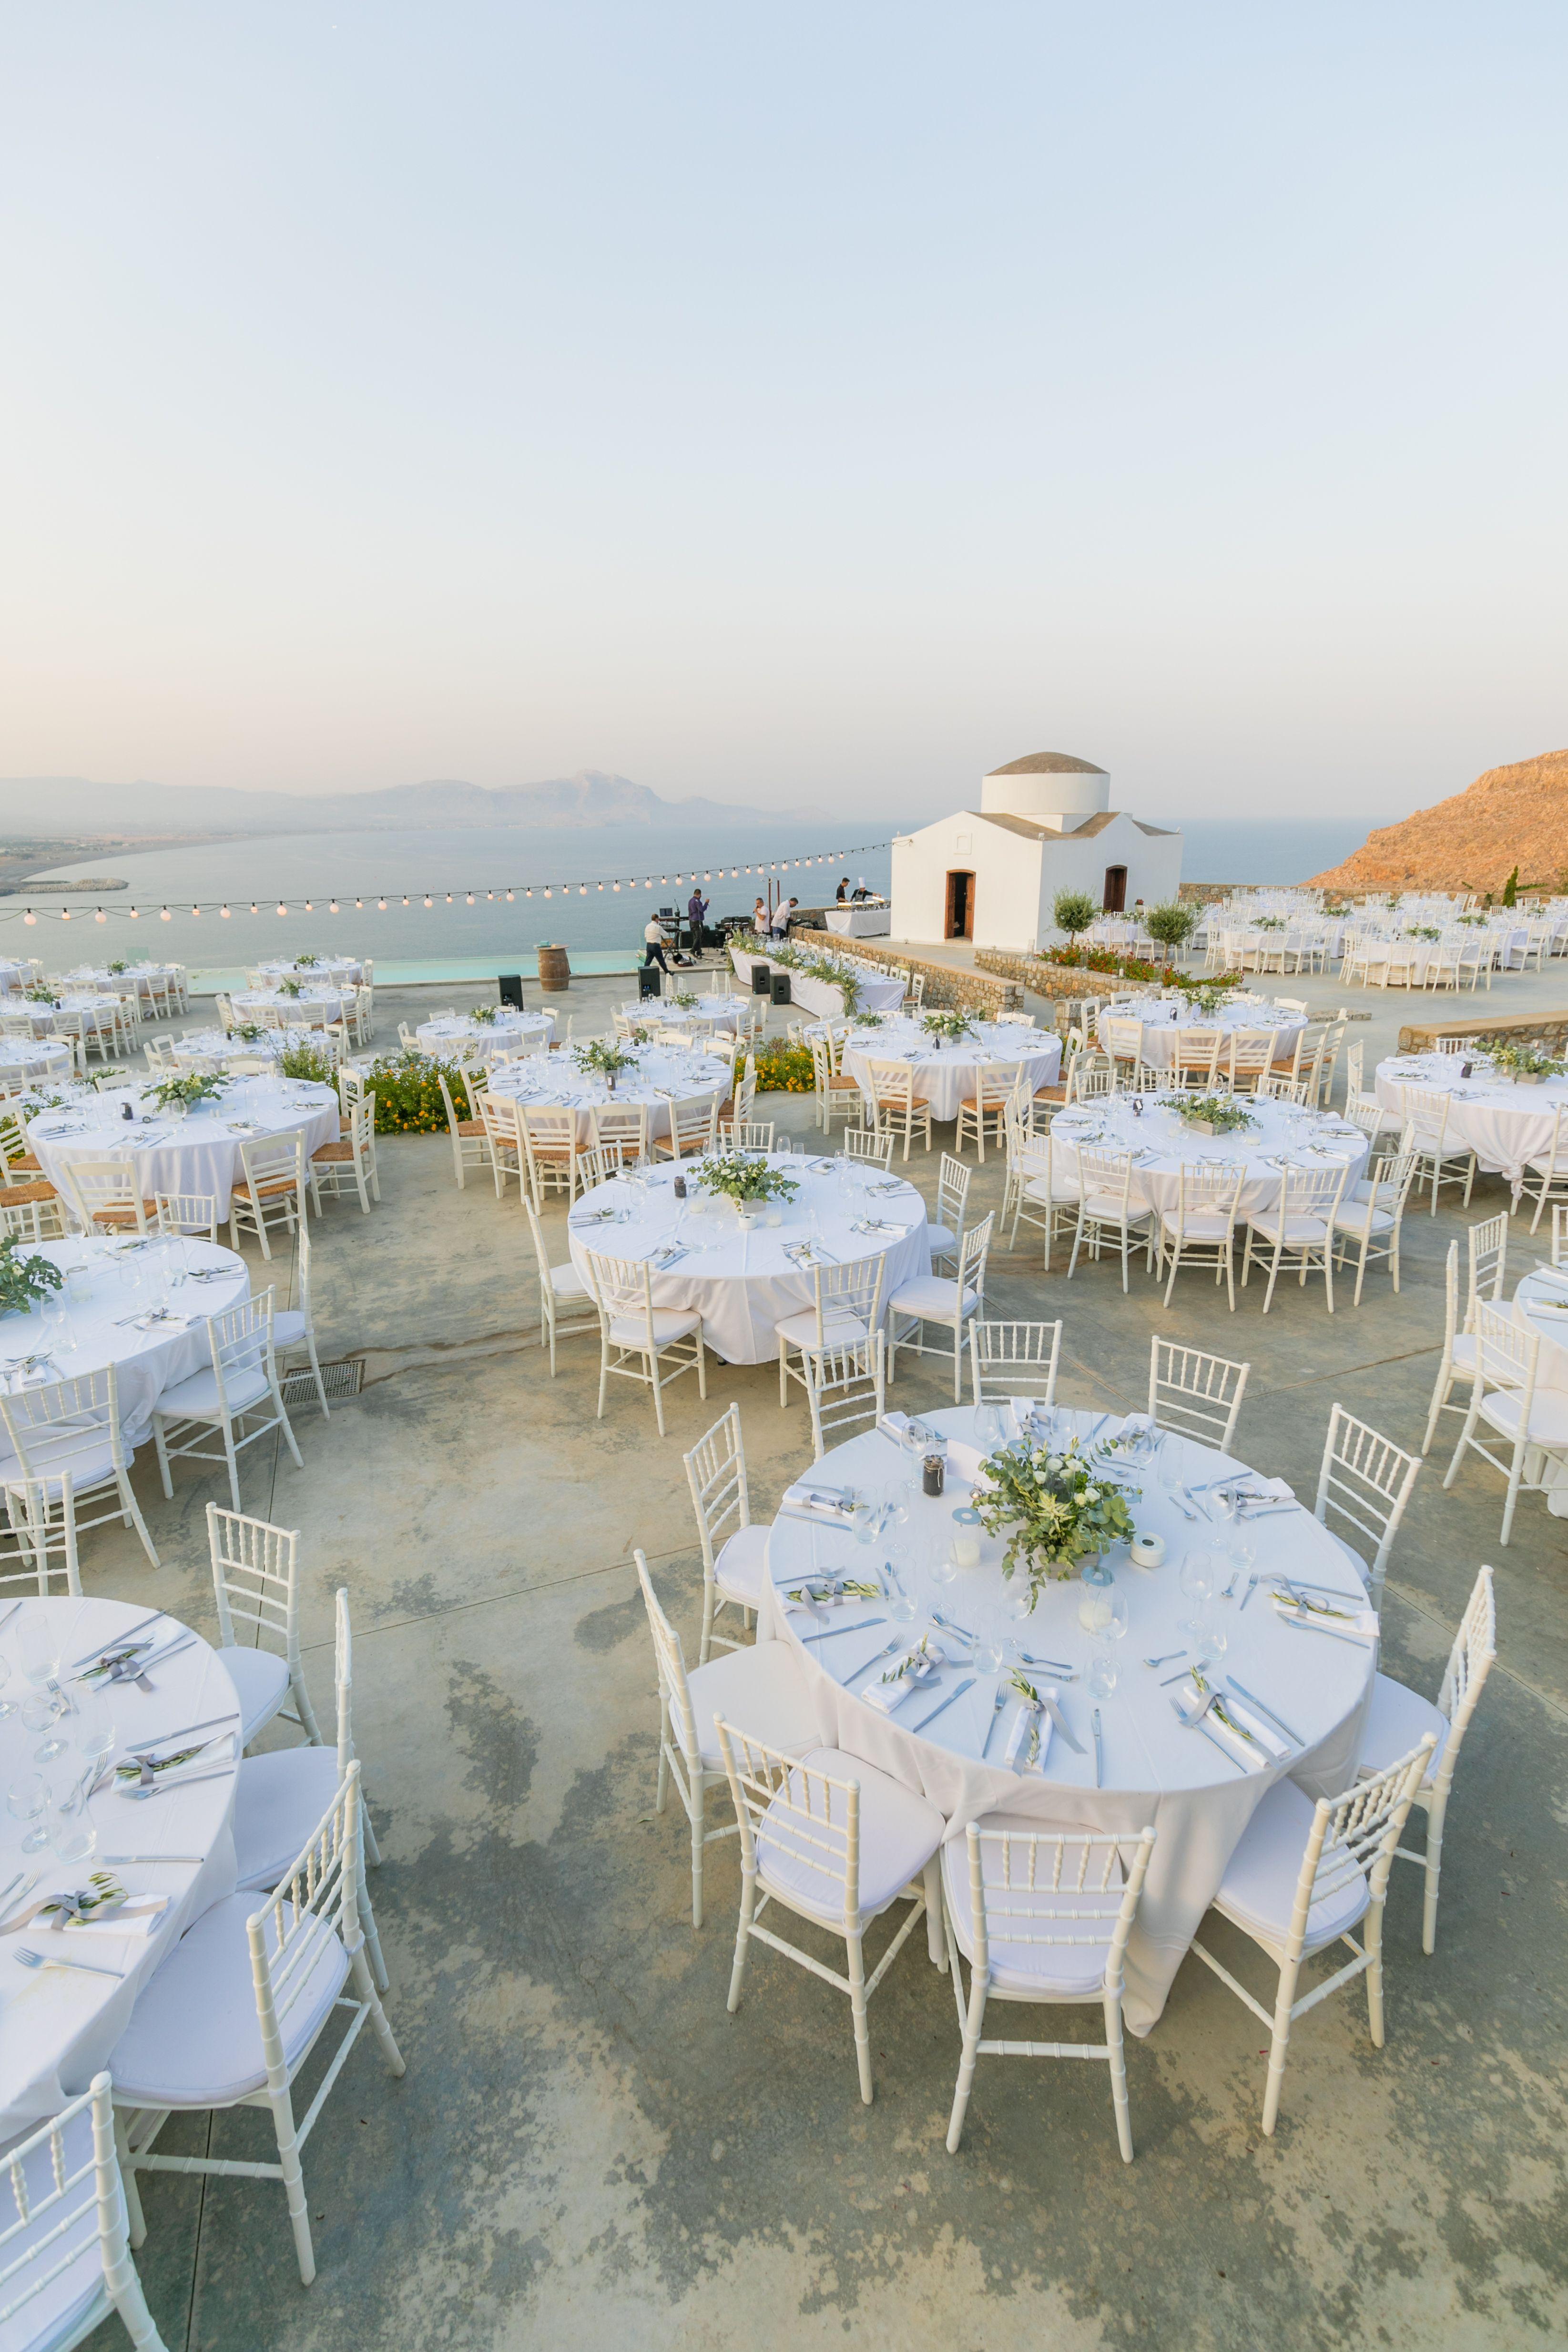 Wedding venue, greek wedding, sea view, outdoor venue ...